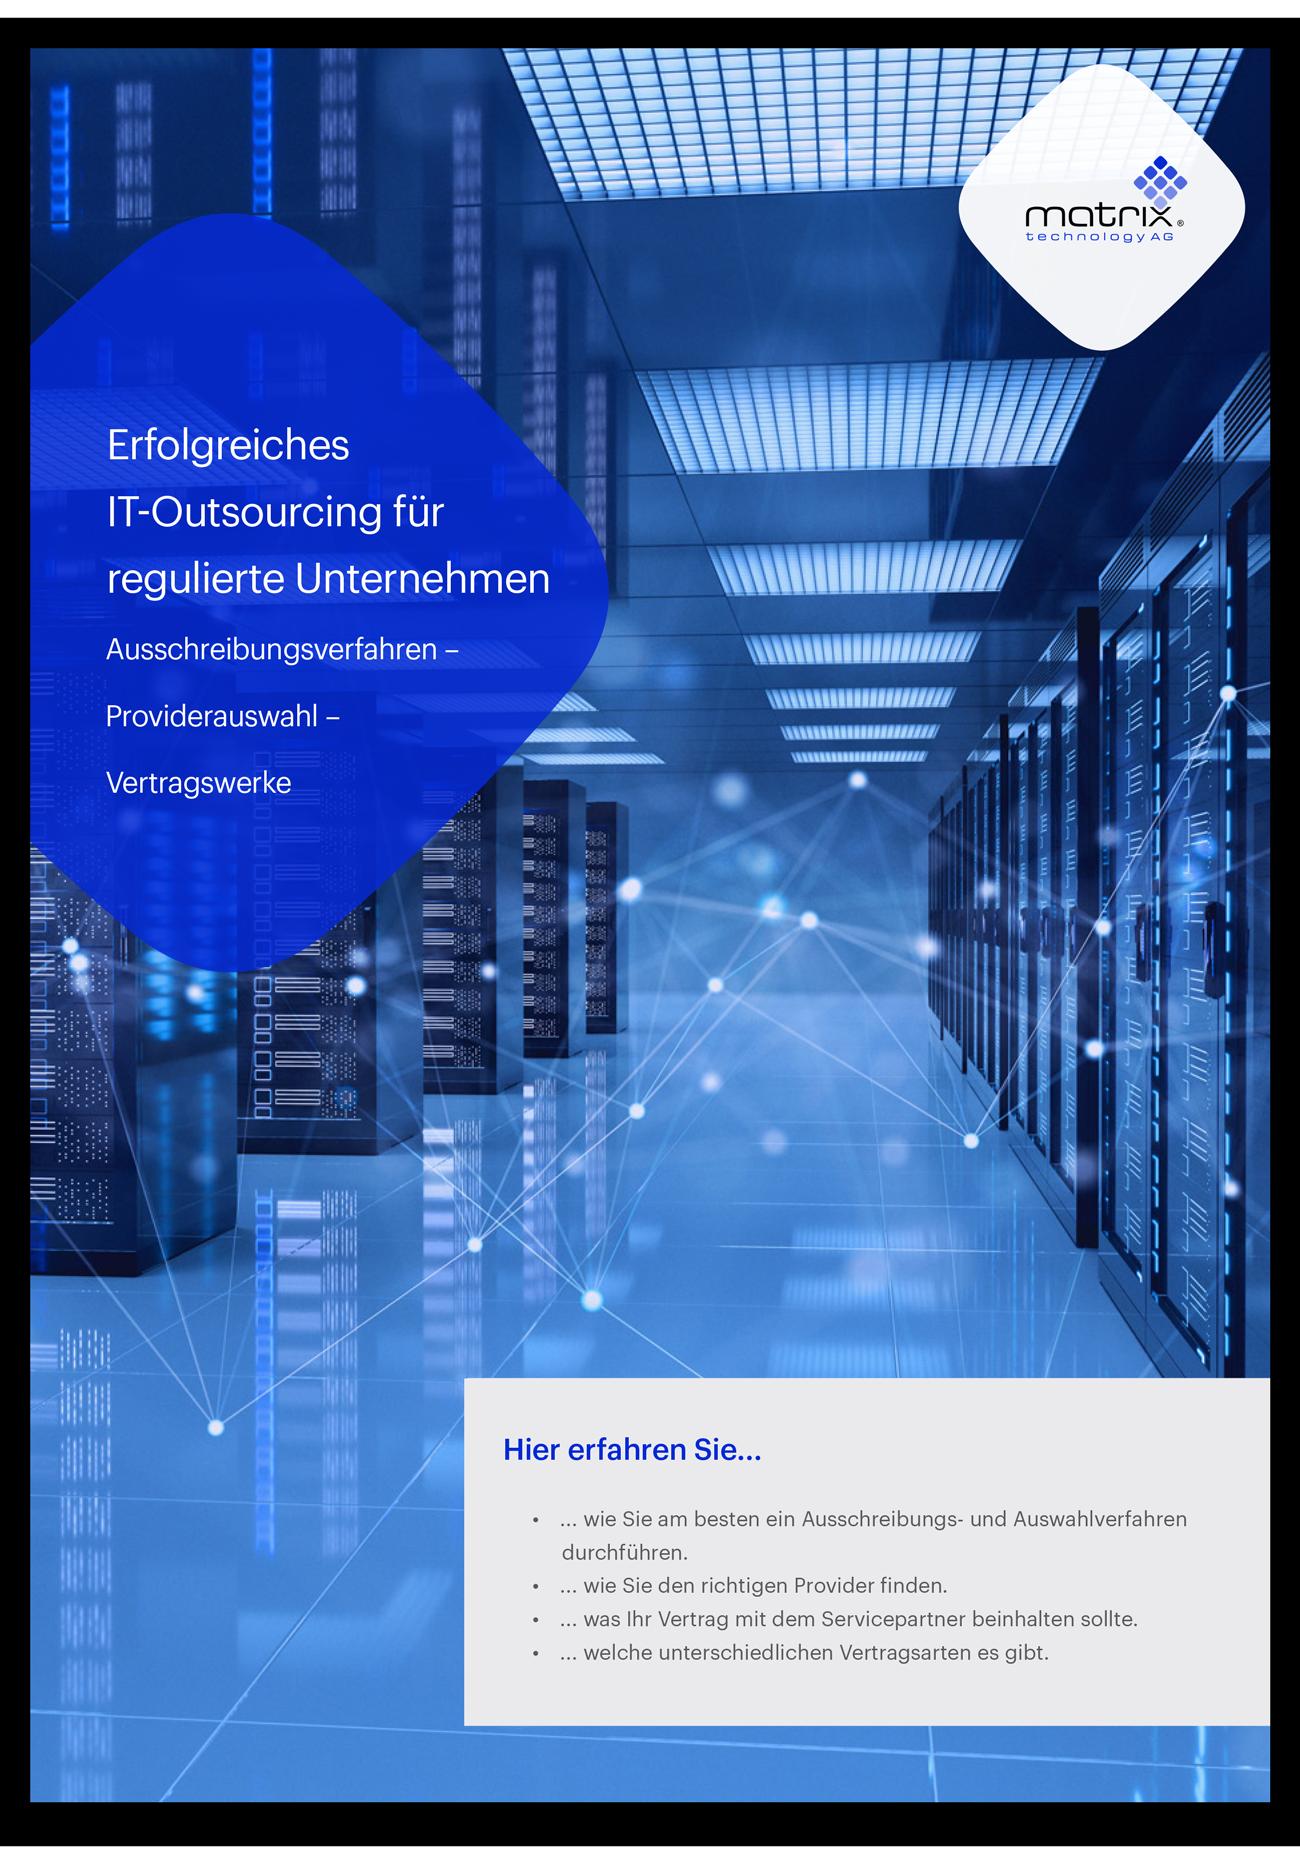 Whitepaper - Erfolgreiches IT-Outsourcing für regulierte Unternehmen